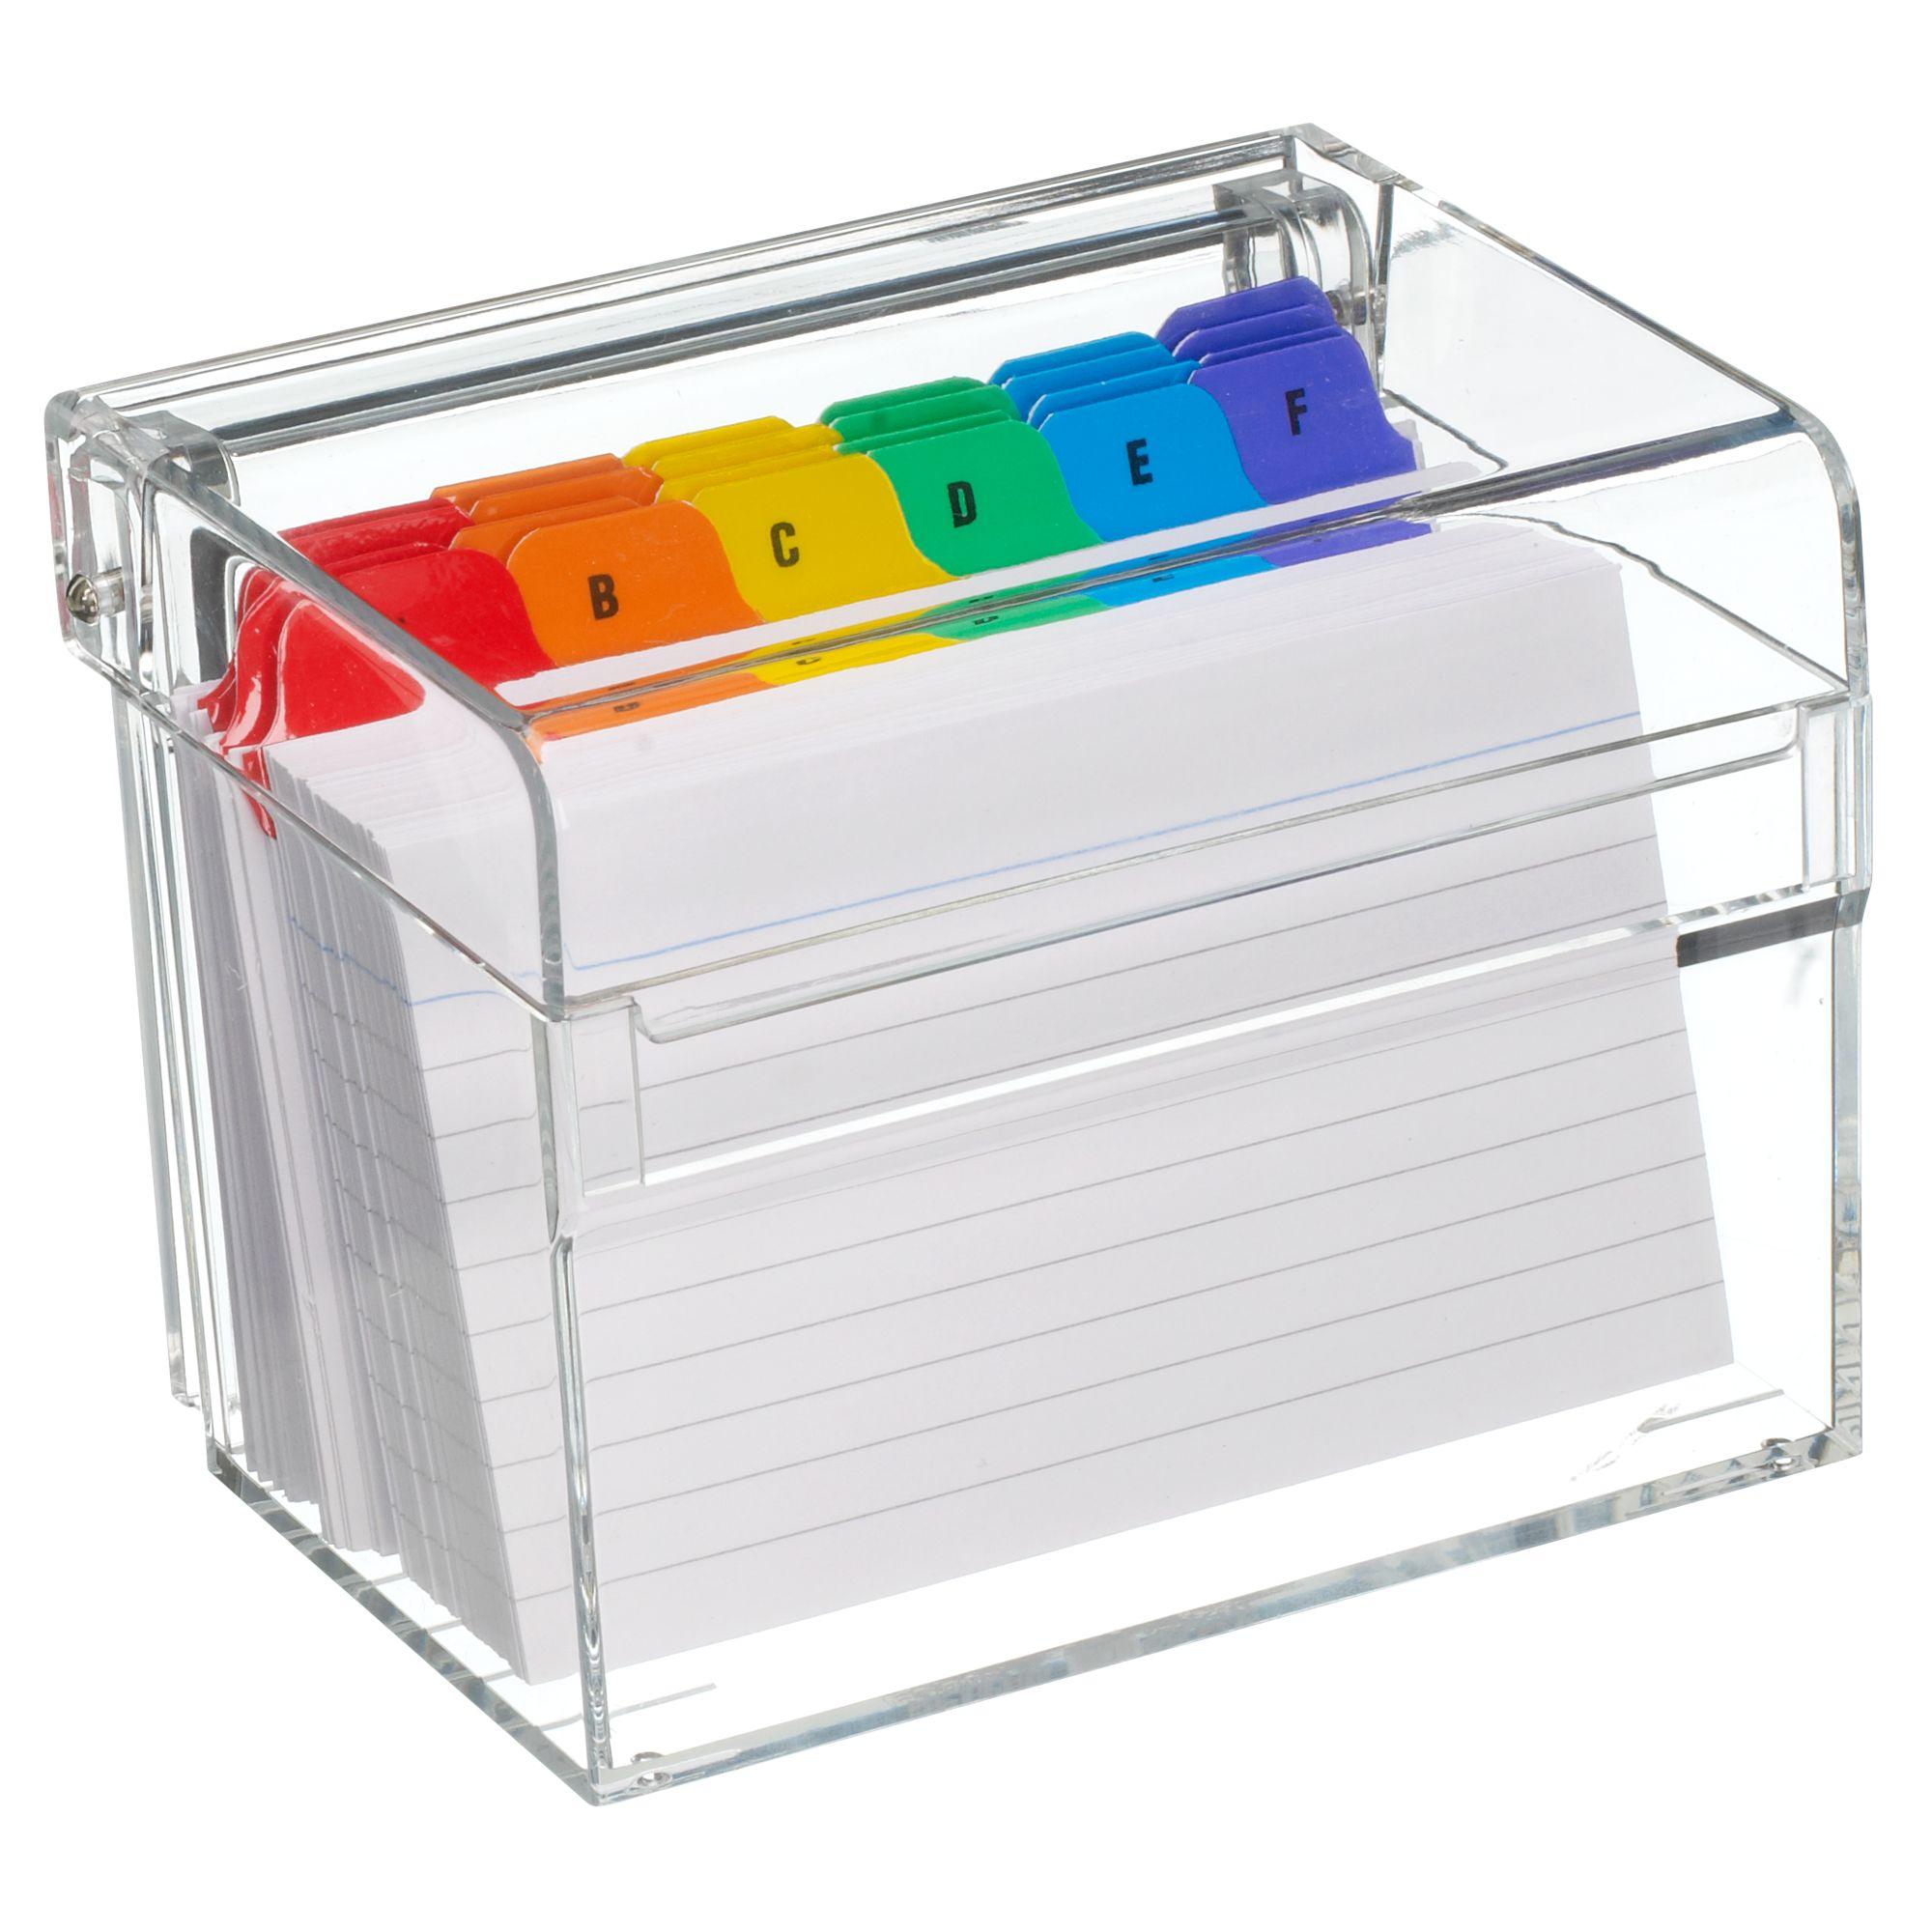 Osco Osco Index Box, Acrylic